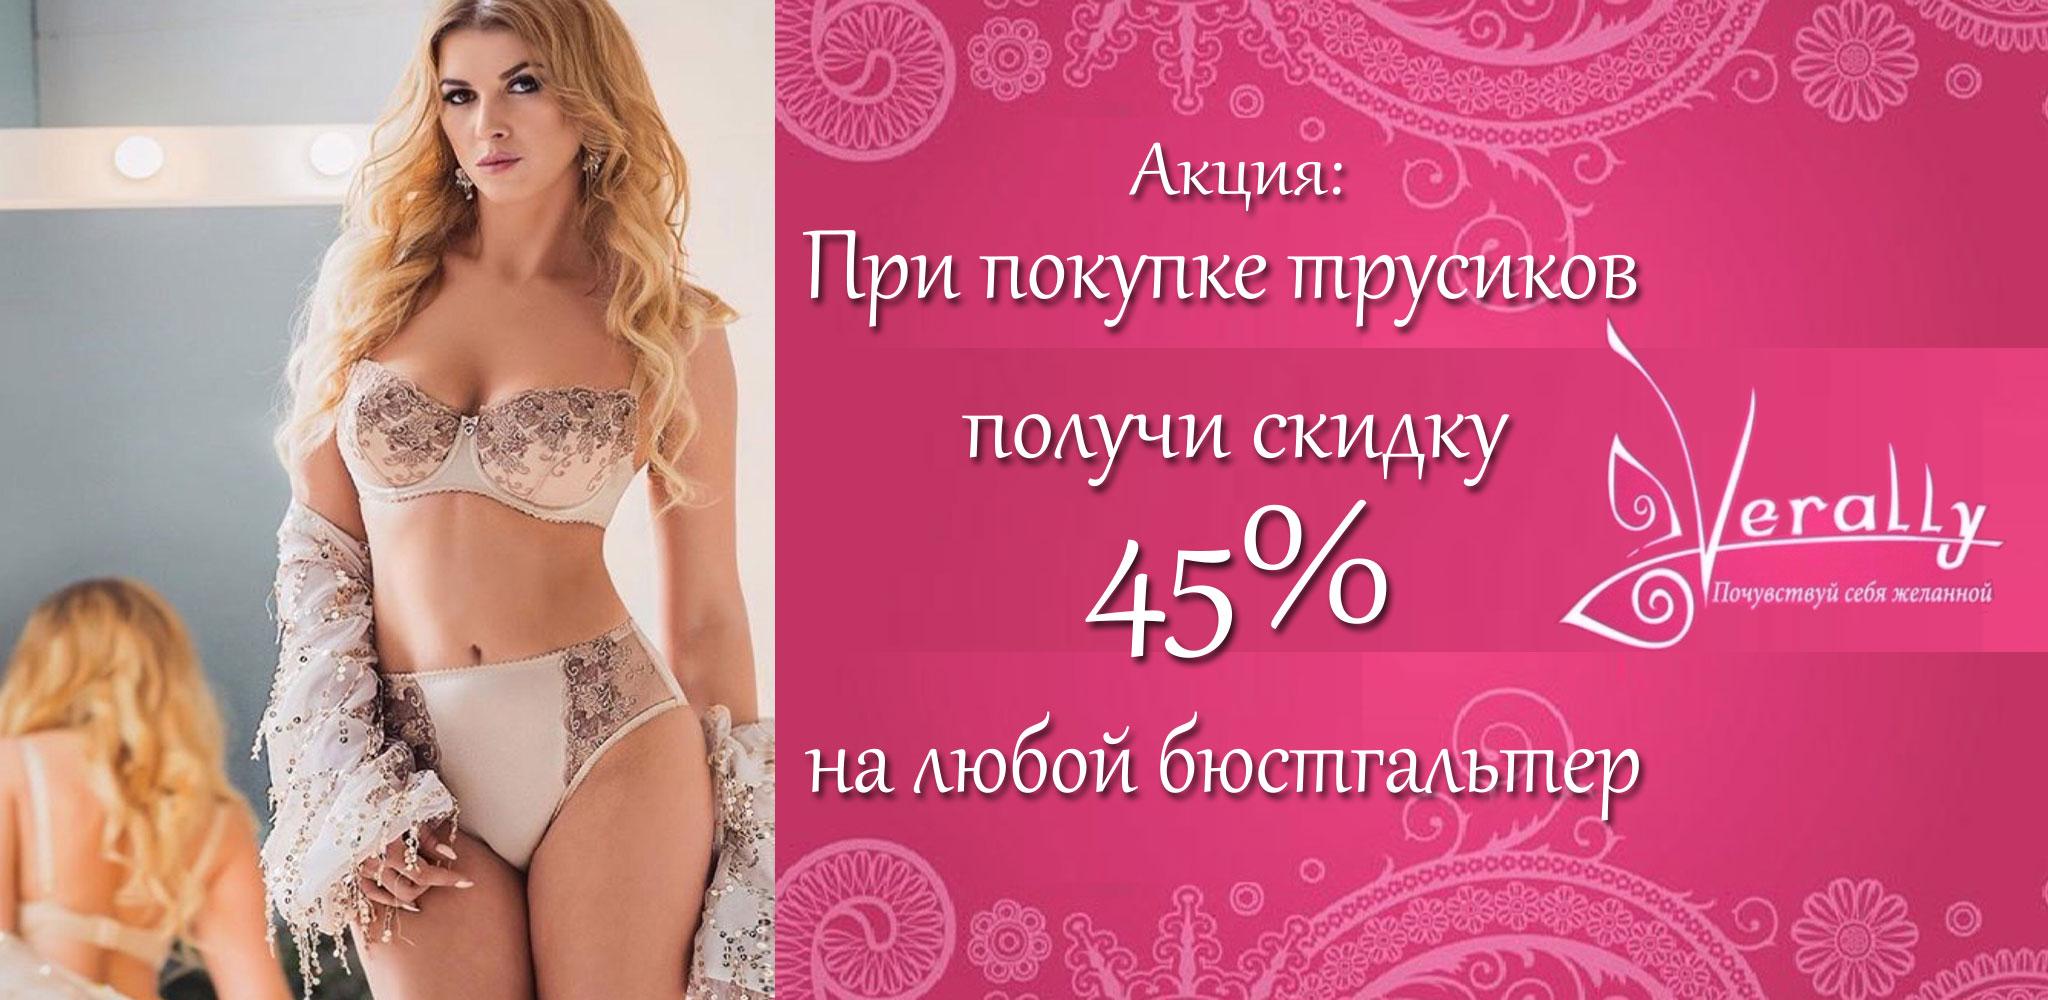 45% скидки на бюстгальтеры verally